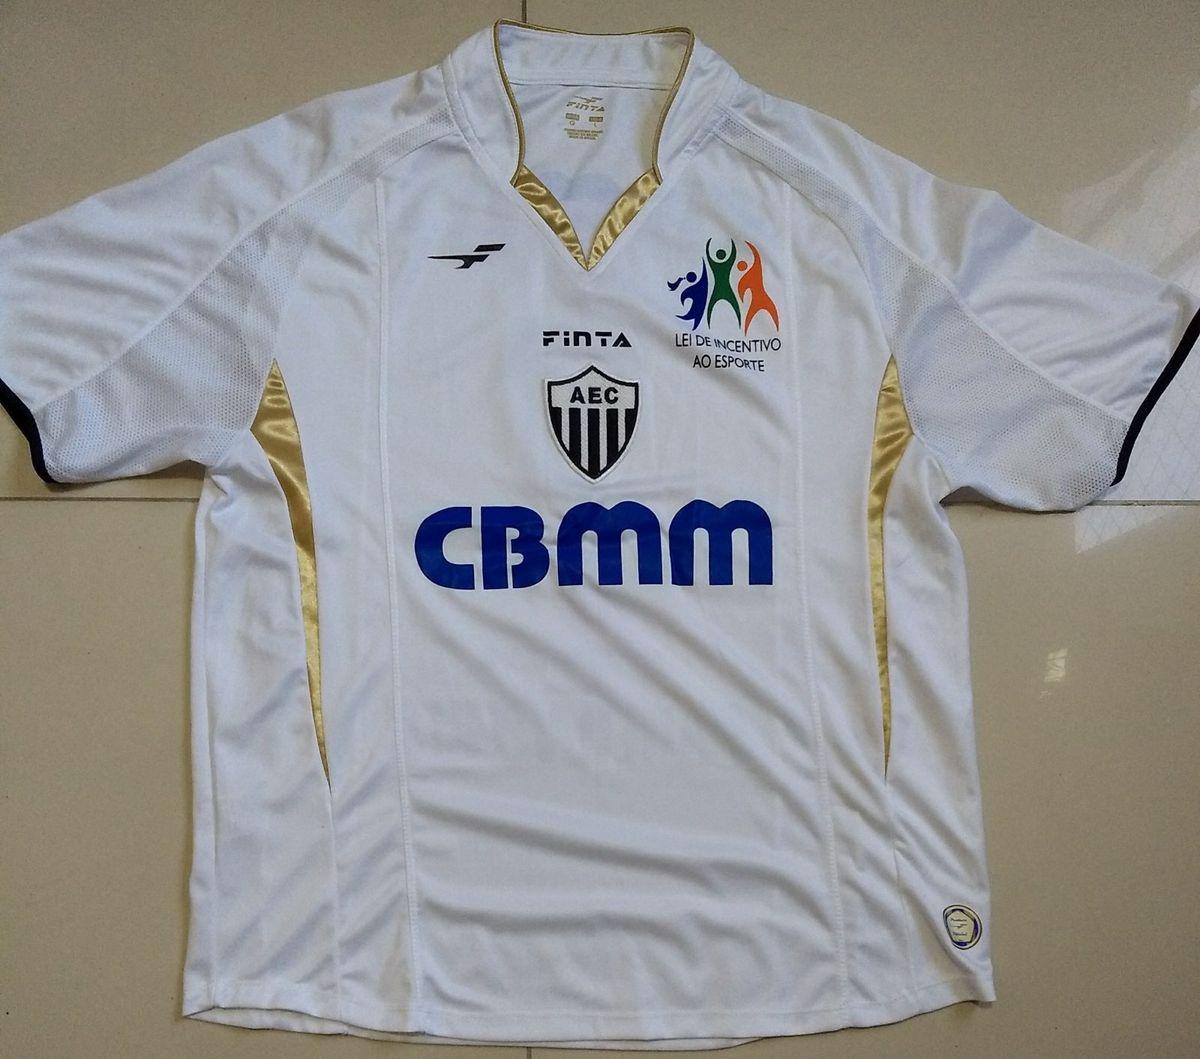 camisa araxá mg - esportes finta.  Czm6ly9wag90b3muzw5qb2vplmnvbs5ici9wcm9kdwn0cy84ota4ndkzlzrlzgmxzmy4ntbmmjuyngjlotk2zwmzm2u0yjuwyjhilmpwzw  ... f99541d05682e